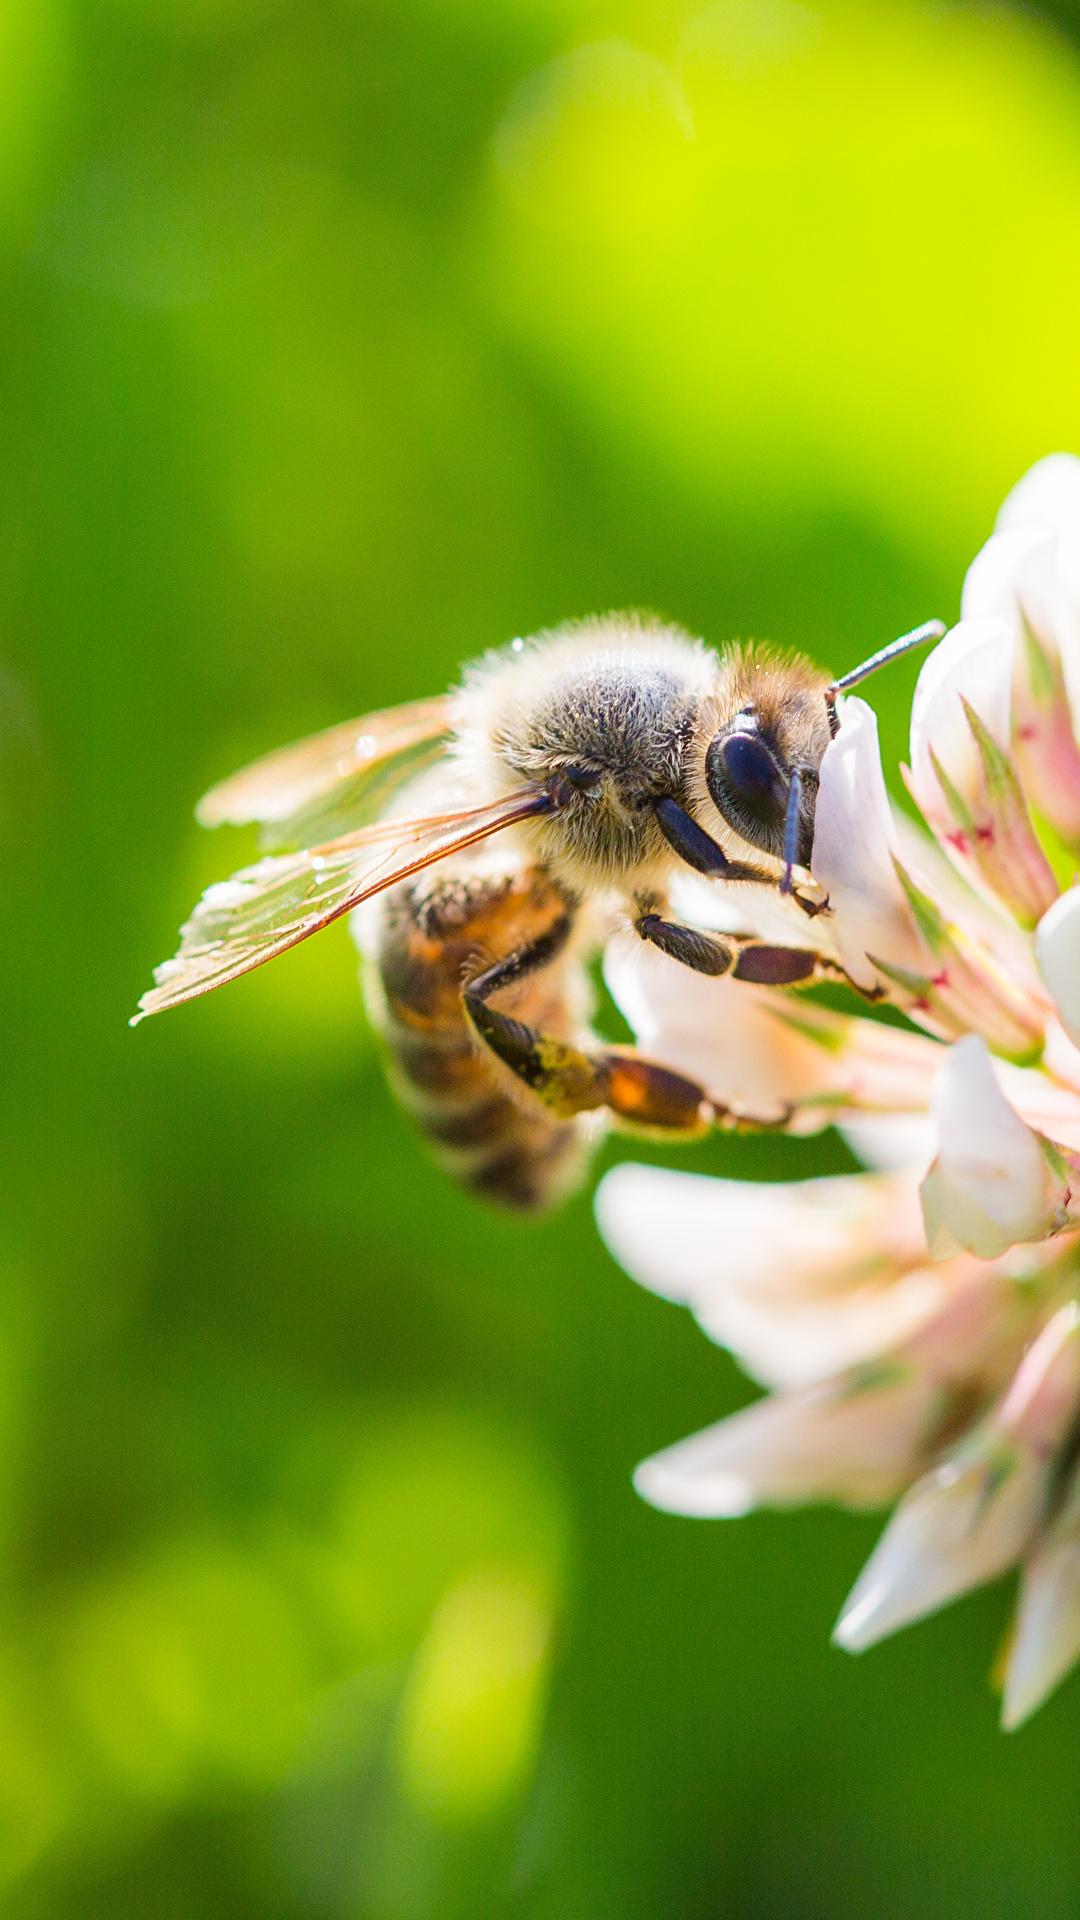 Fotos Bienen Bokeh Tiere hautnah 1080x1920 für Handy unscharfer Hintergrund ein Tier Nahaufnahme Großansicht